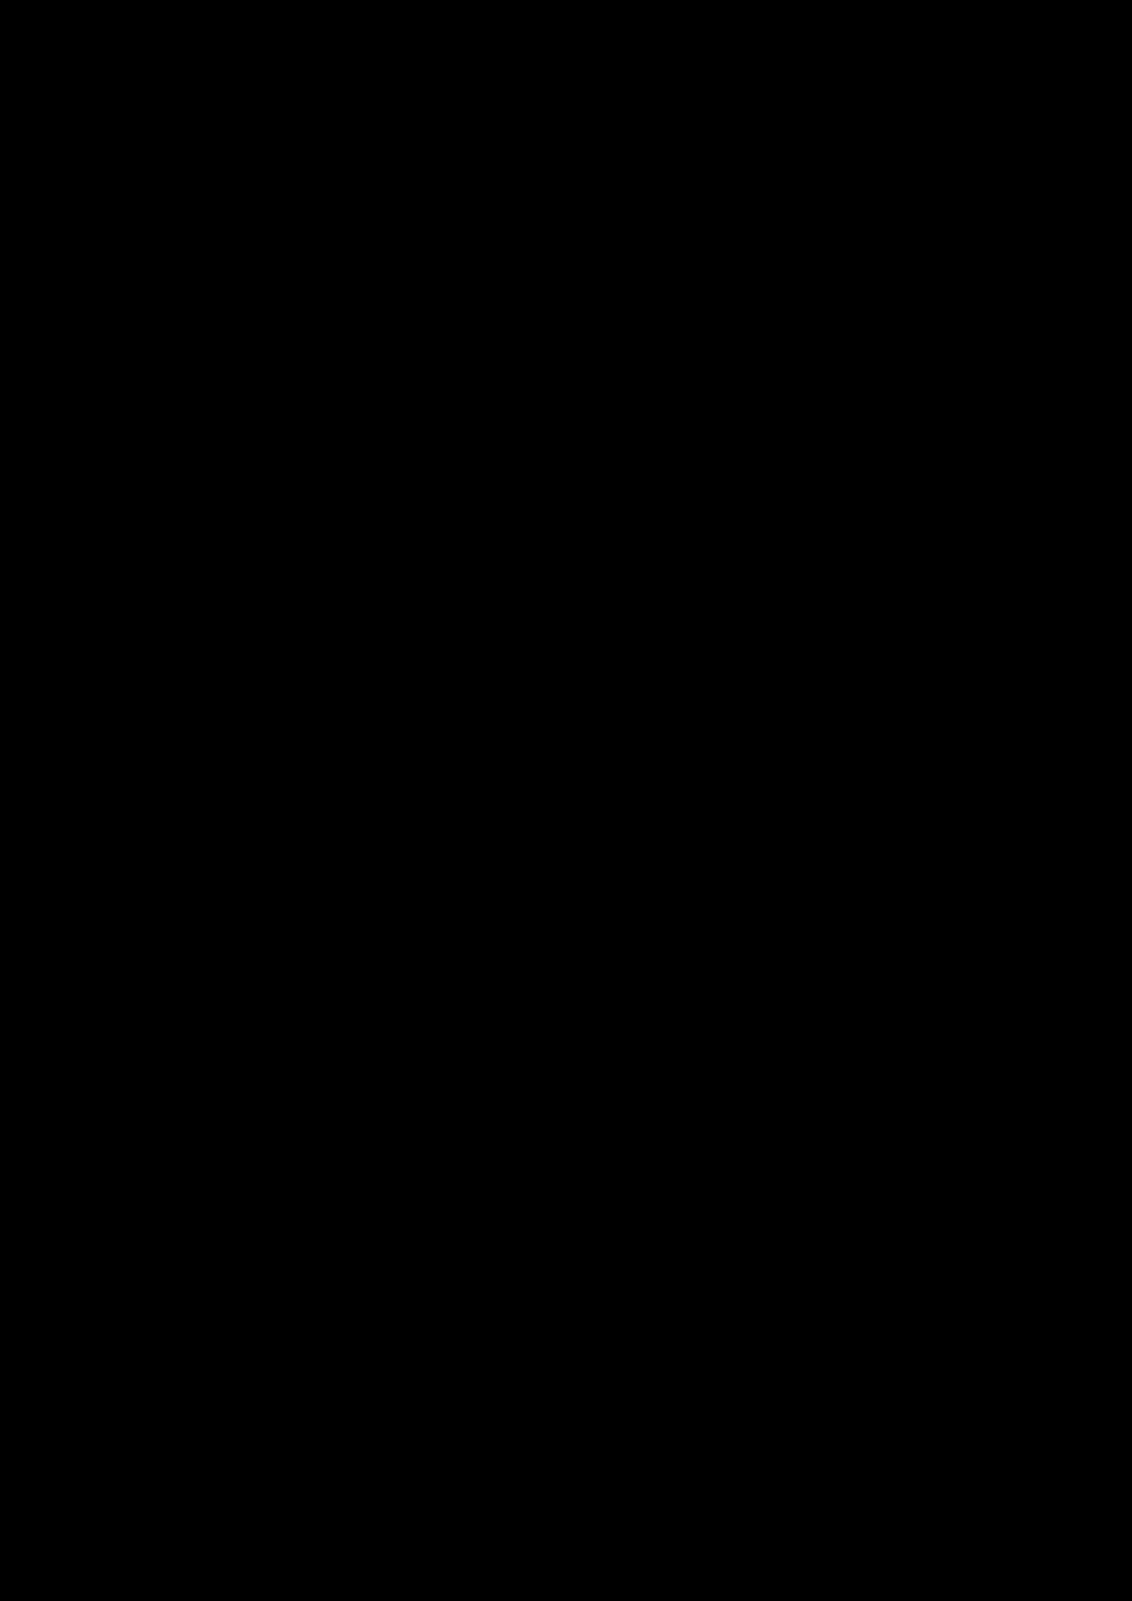 Prolog slide, Image 39